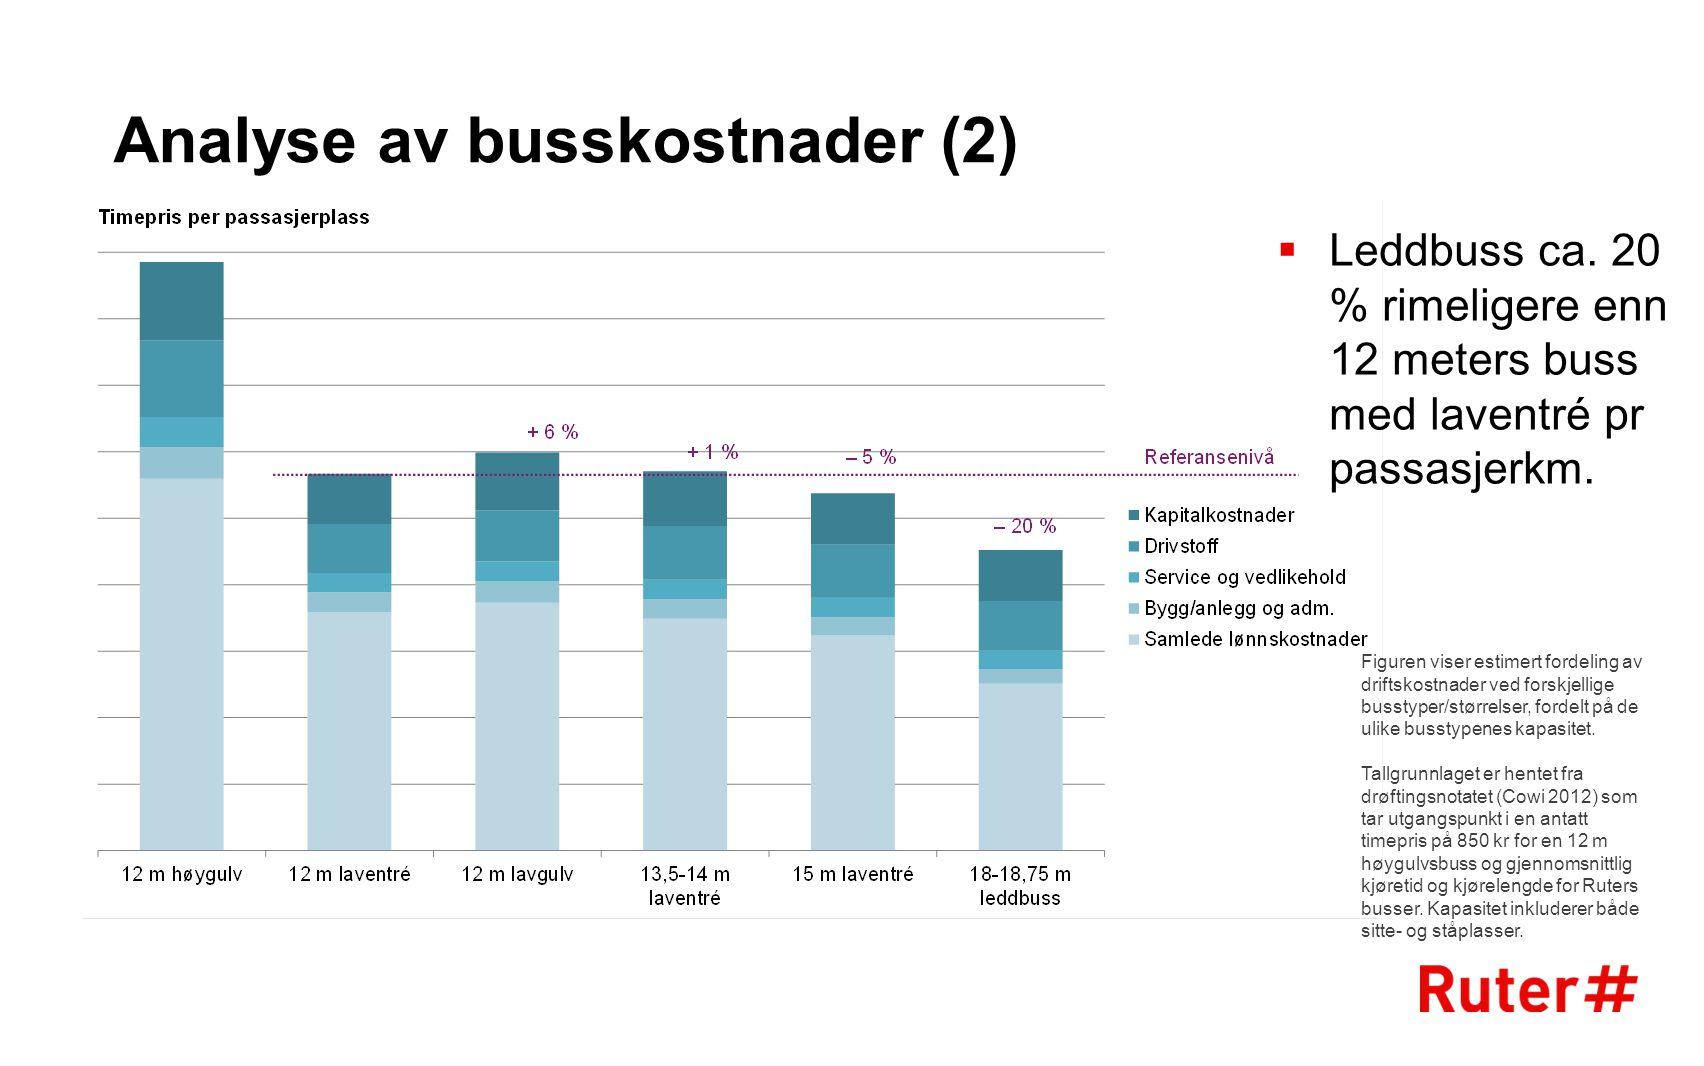 Analyse av busskostnader (2)  Leddbuss ca. 20 % rimeligere enn 12 meters buss med laventré pr passasjerkm. Figuren viser estimert fordeling av drifts